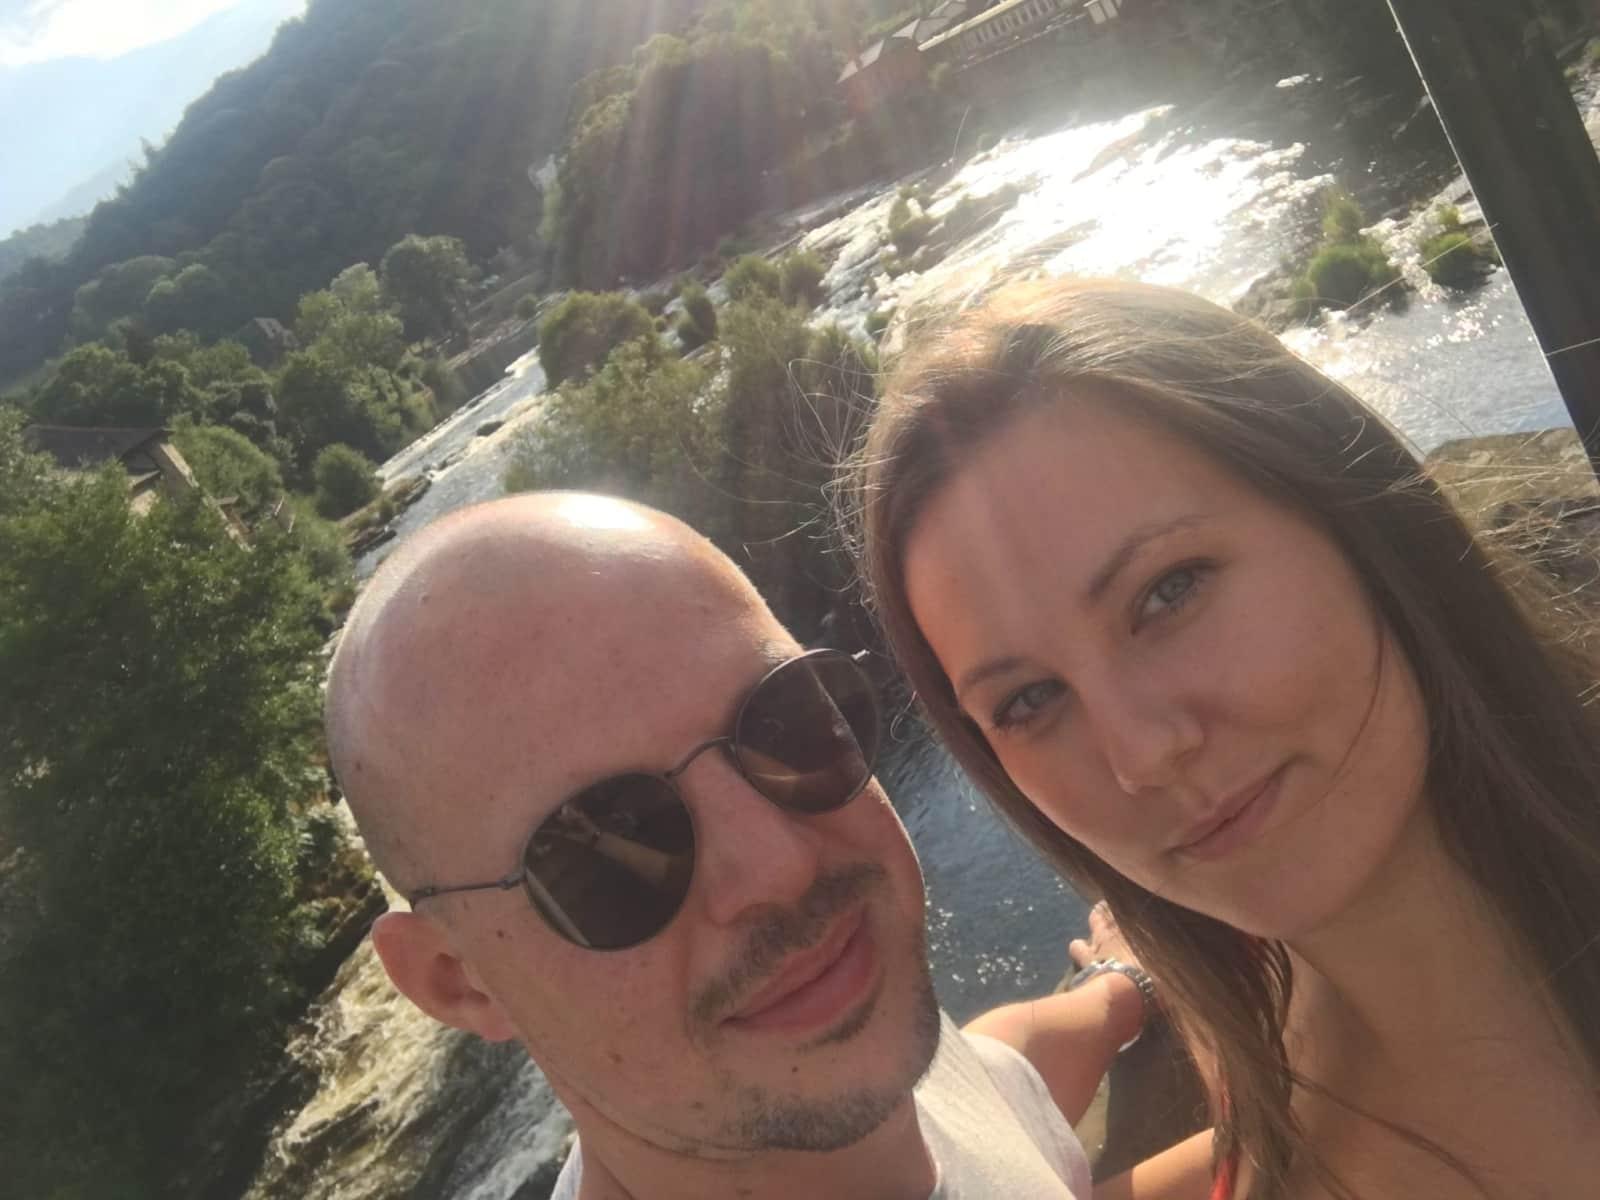 Alisha-jayne & Michael from Ellesmere, United Kingdom